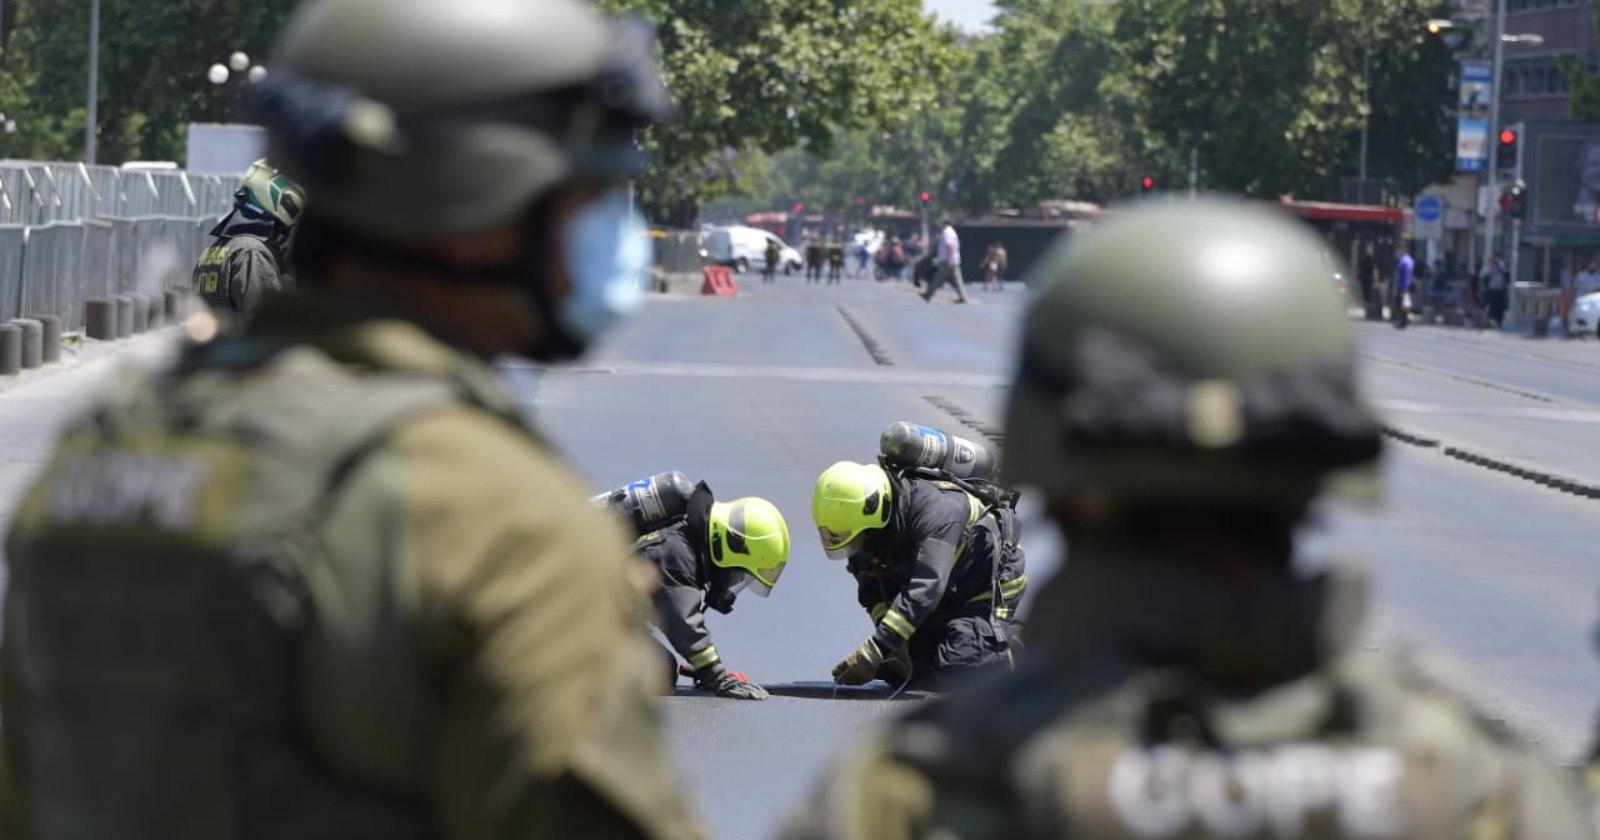 Desperfecto eléctrico motivó amplio operativo del GOPE y Bomberos en cercanías de La Moneda